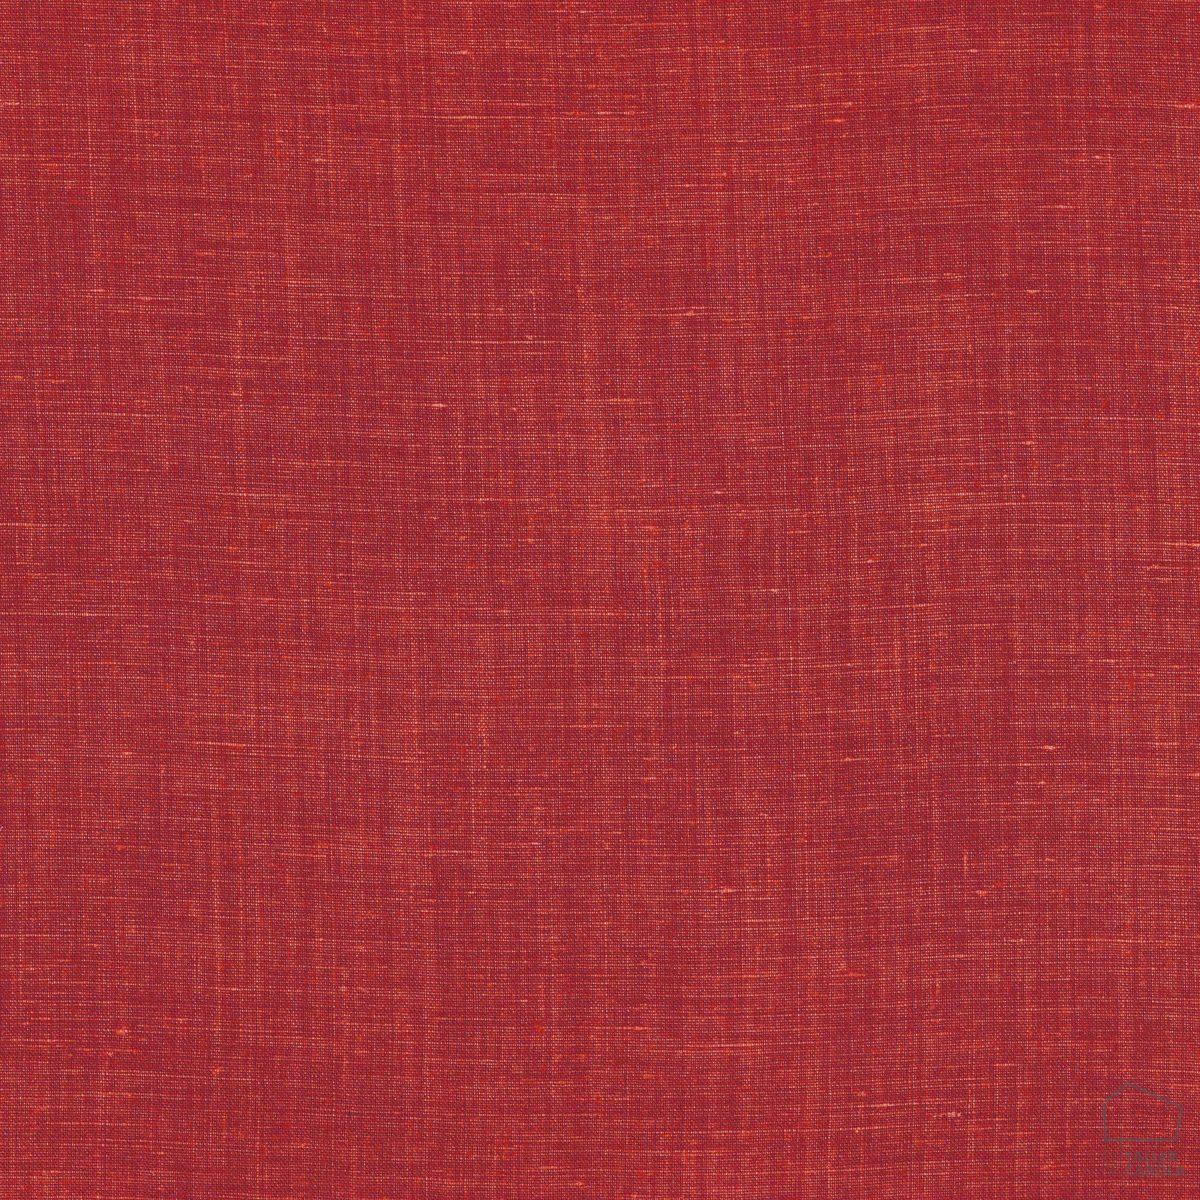 057sul38593261 Tela Lino Liso Desgastado Rojo